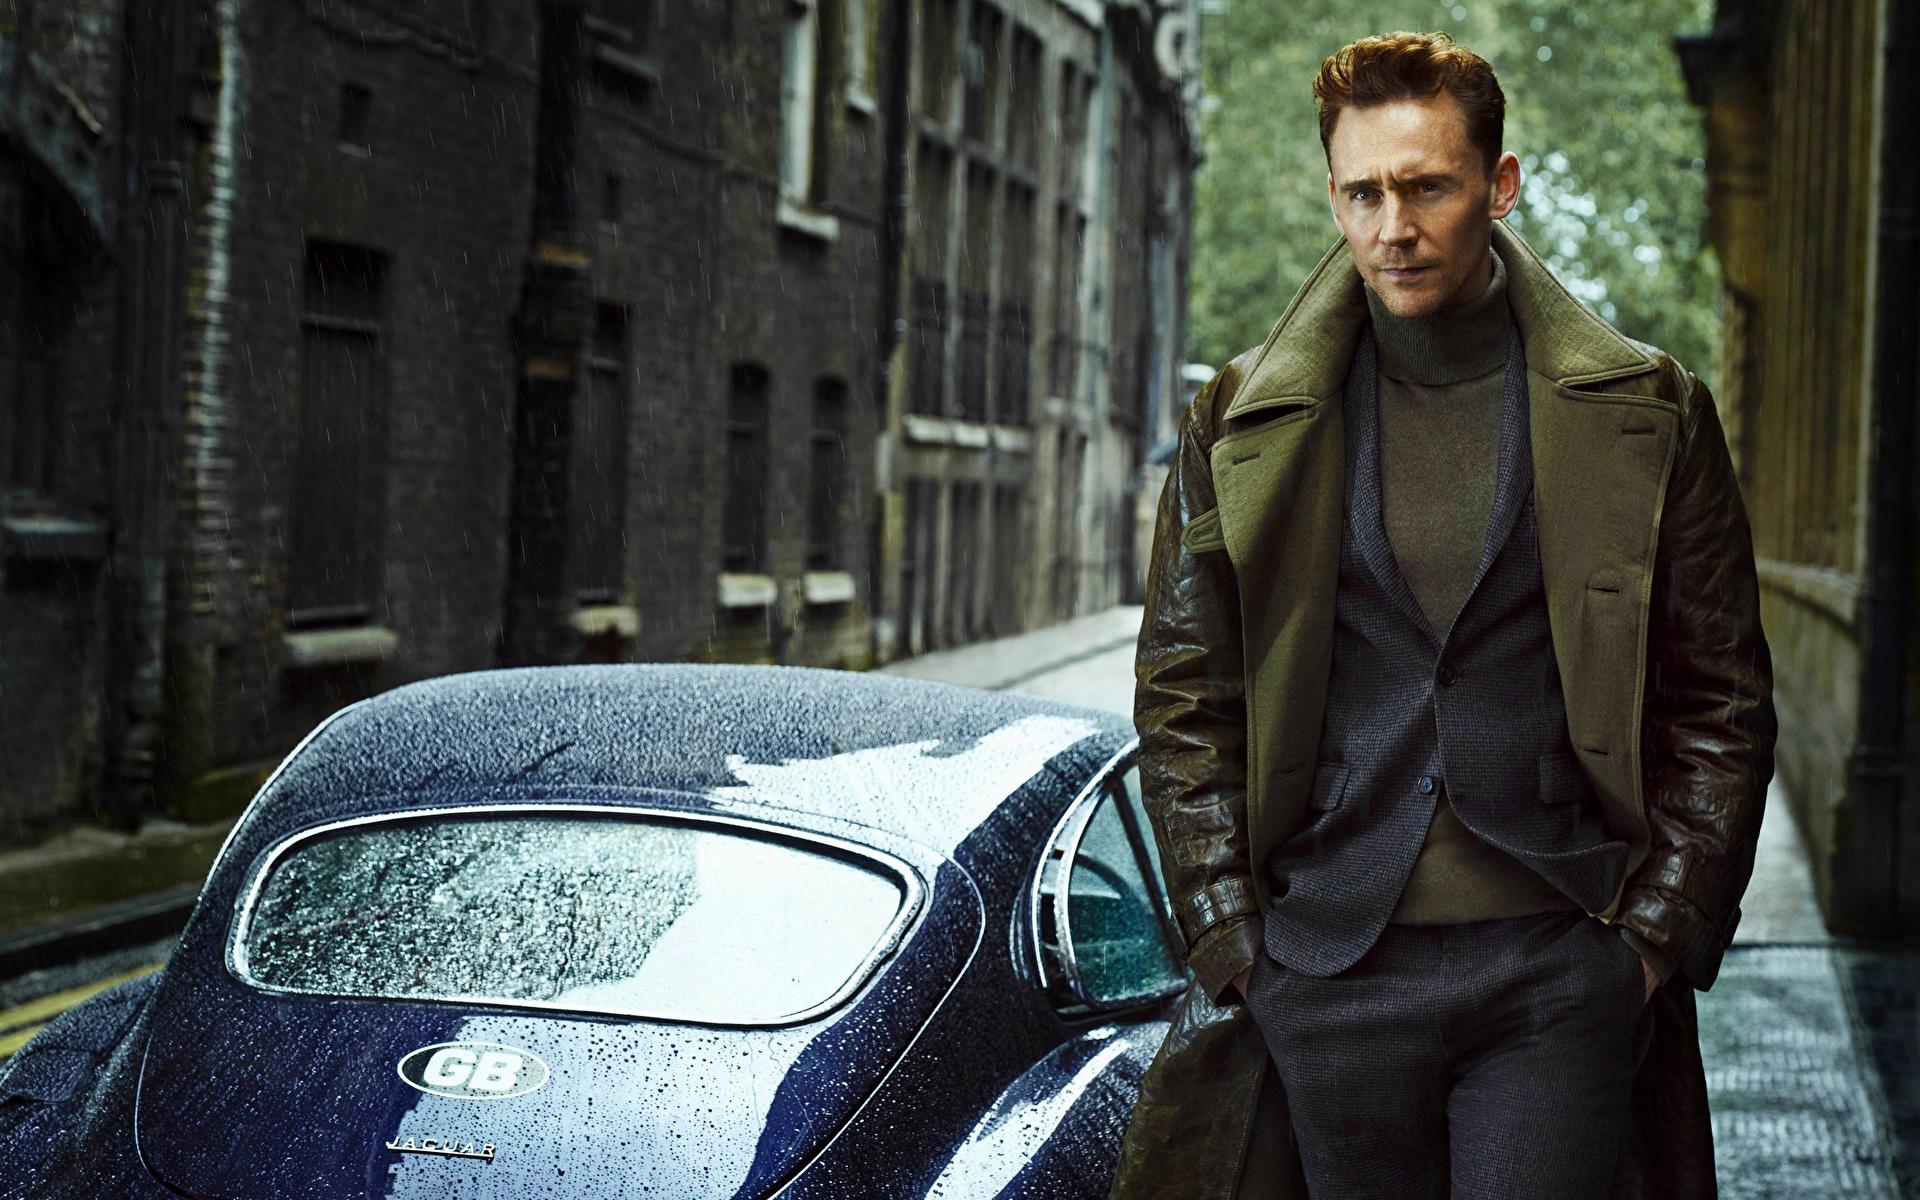 Фотография Tom Hiddleston мужчина Костюм Знаменитости 1920x1200 Том Хиддлстон Мужчины костюме костюма классический костюм